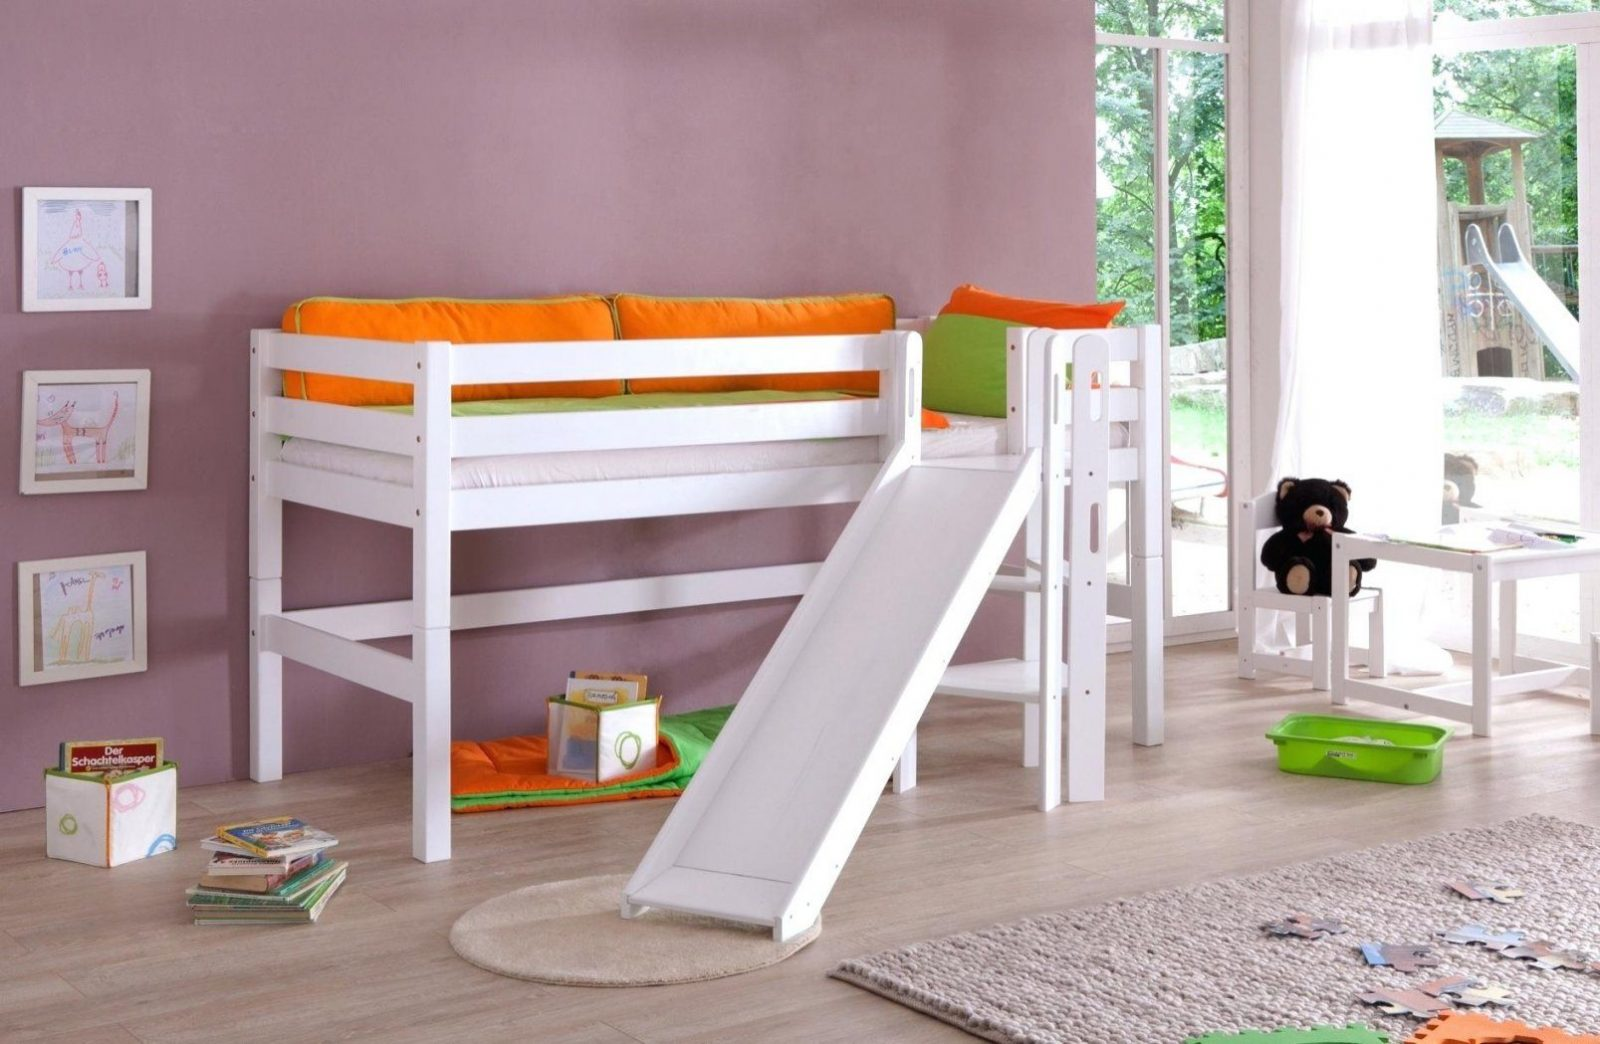 Kinderhochbett Selber Bauen Hochbett Mit Ikea Mabeln Designs Von von Hochbett Rutsche Selber Bauen Bild